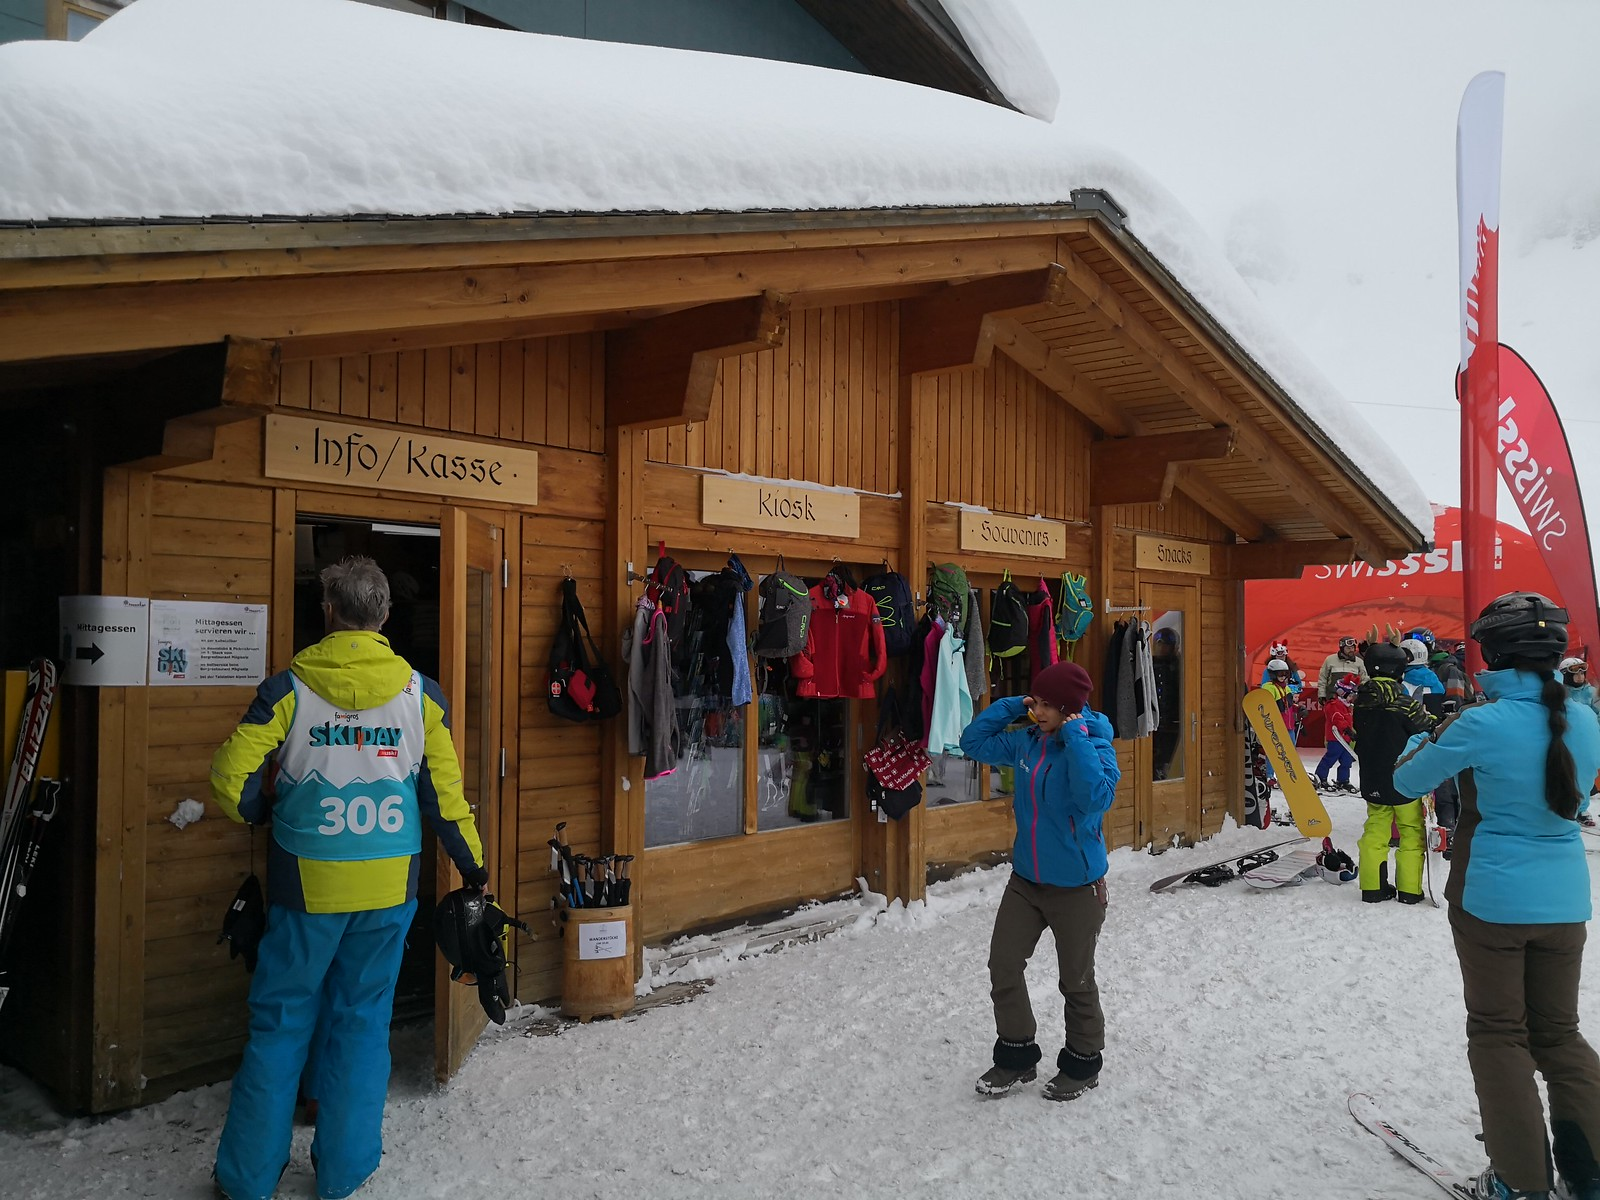 Store at Mägisalp